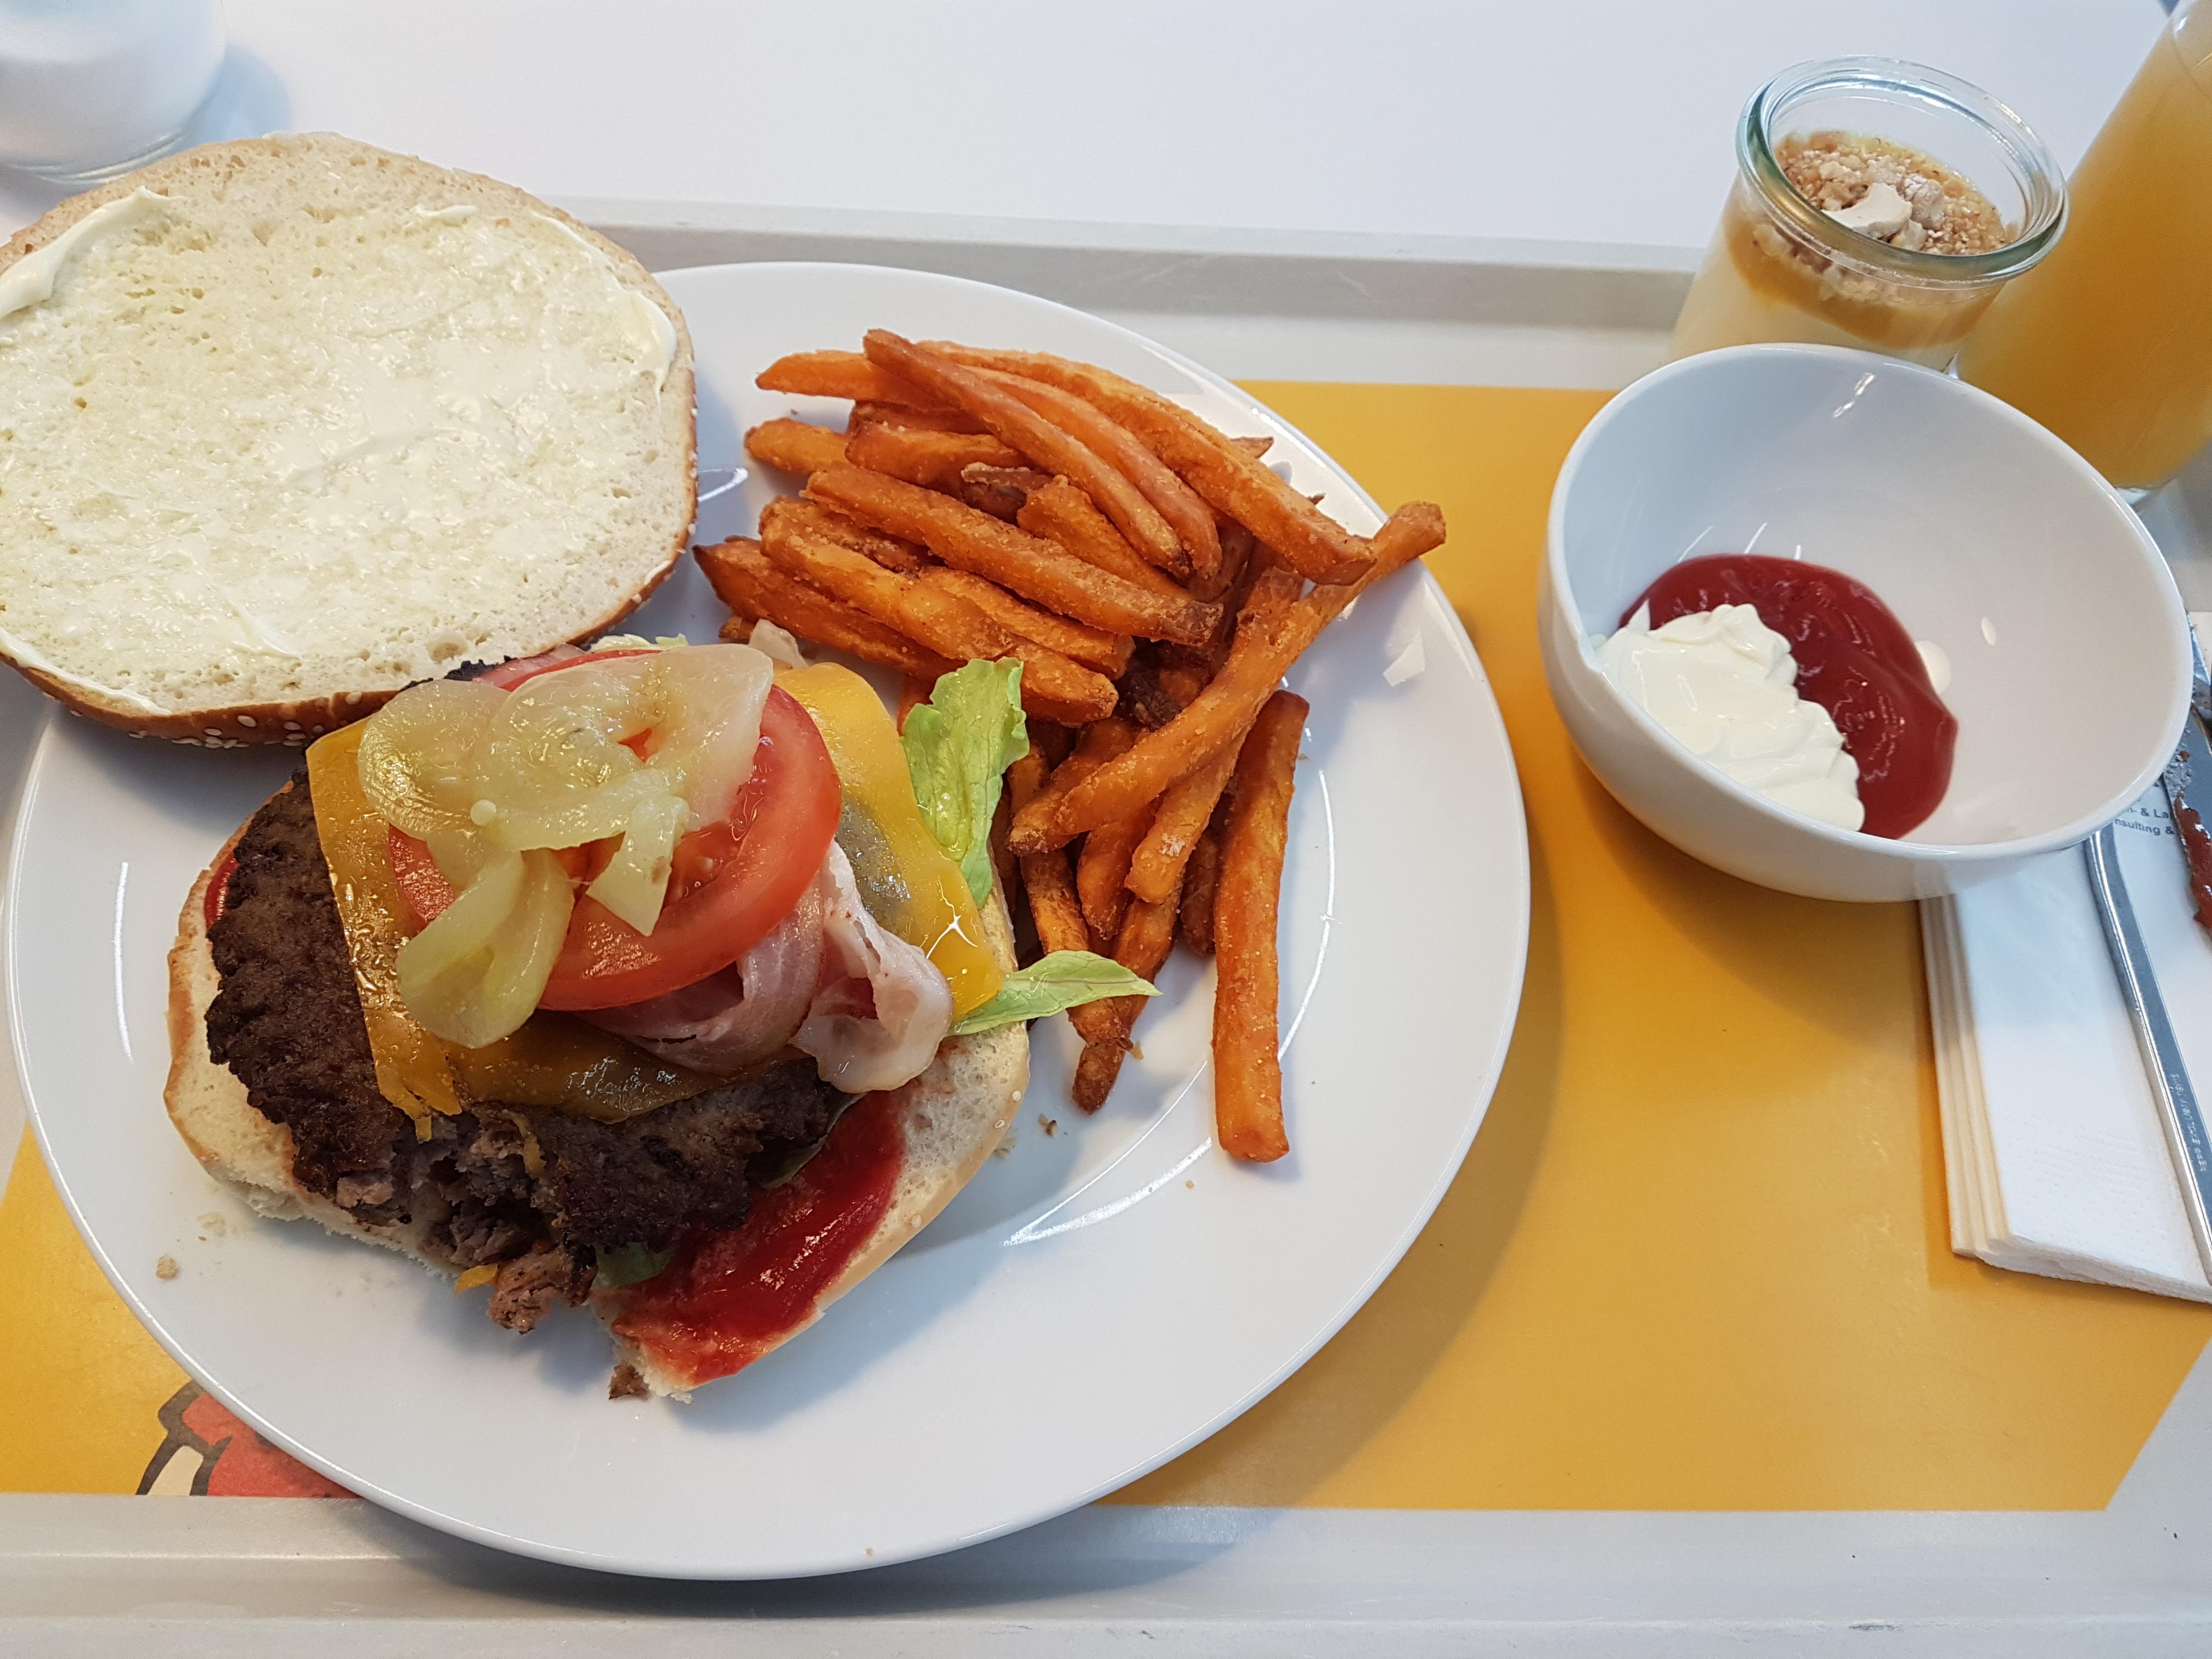 http://foodloader.net/Holz_2017-10-26_Burger_mit_Suesskartoffelpommes.jpg